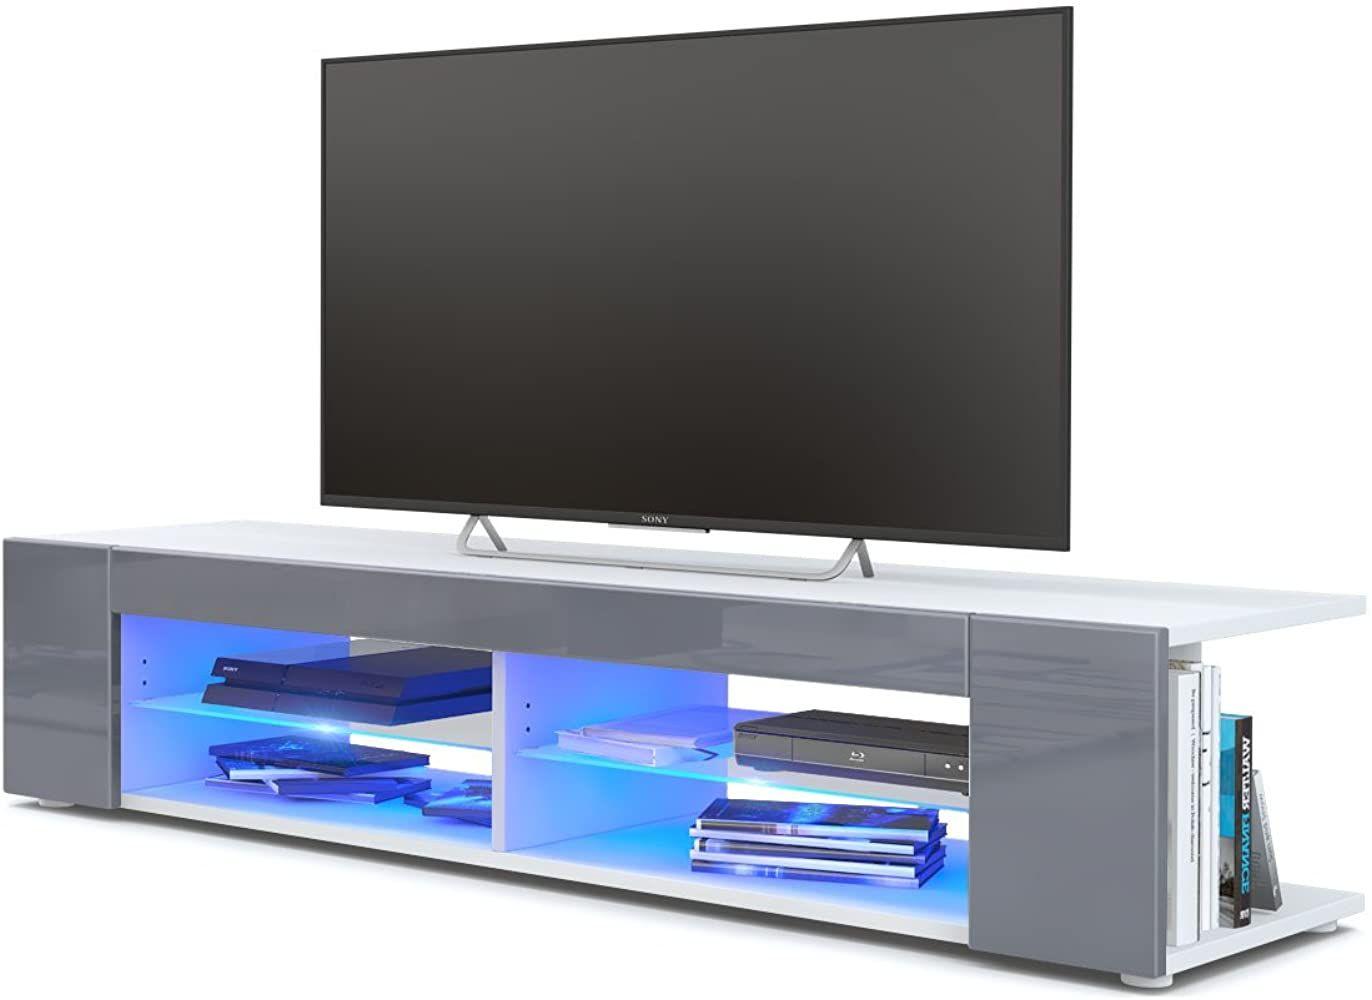 Tv Board Lowboard Movie Korpus In Weiss Matt Fronten In Grau Hochglanz Inkl Led Beleuchtung In Blau Tv Mobel Lowboard Wohnen